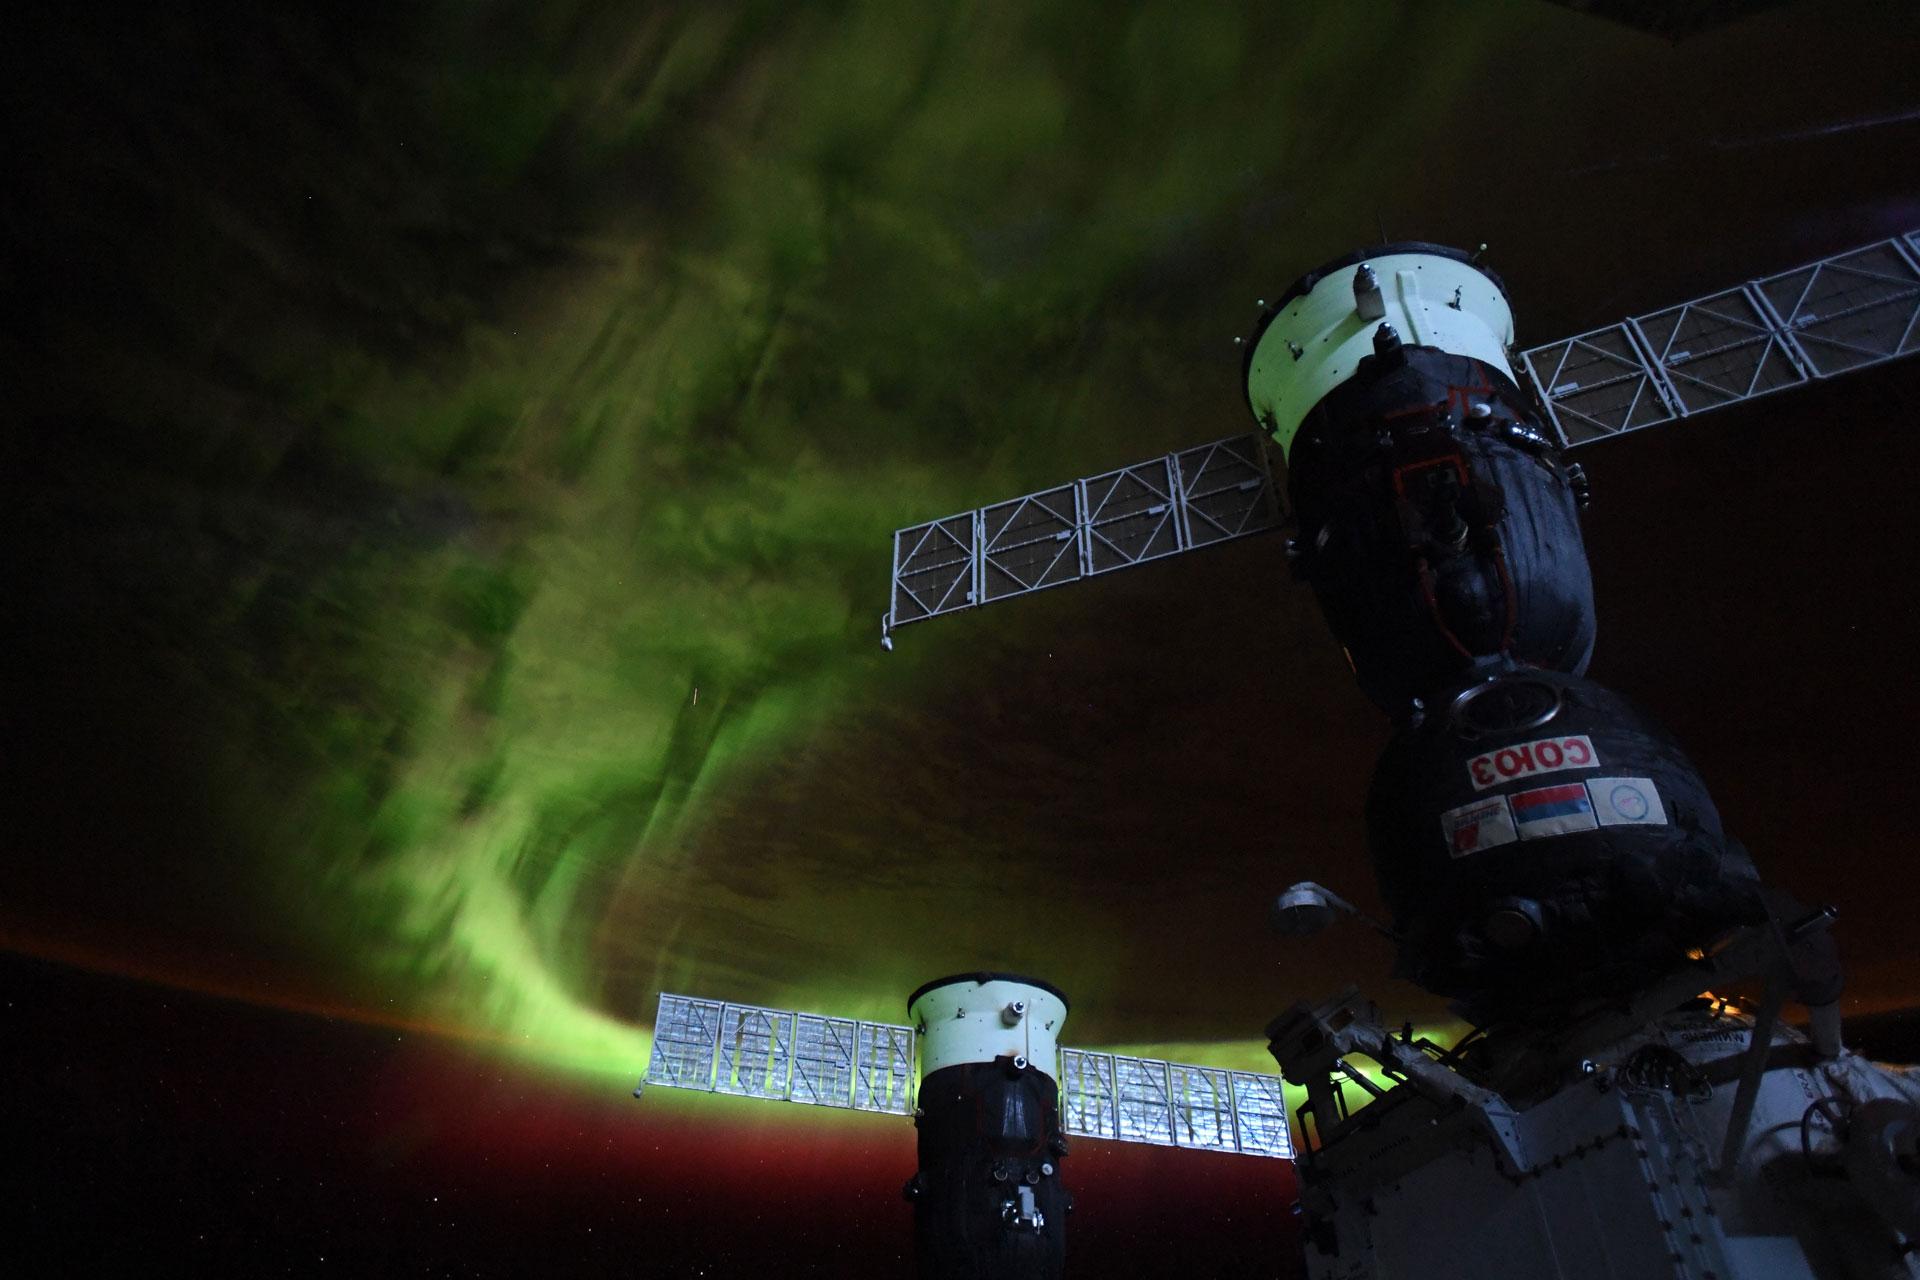 Sydsken sett från rymdstationen